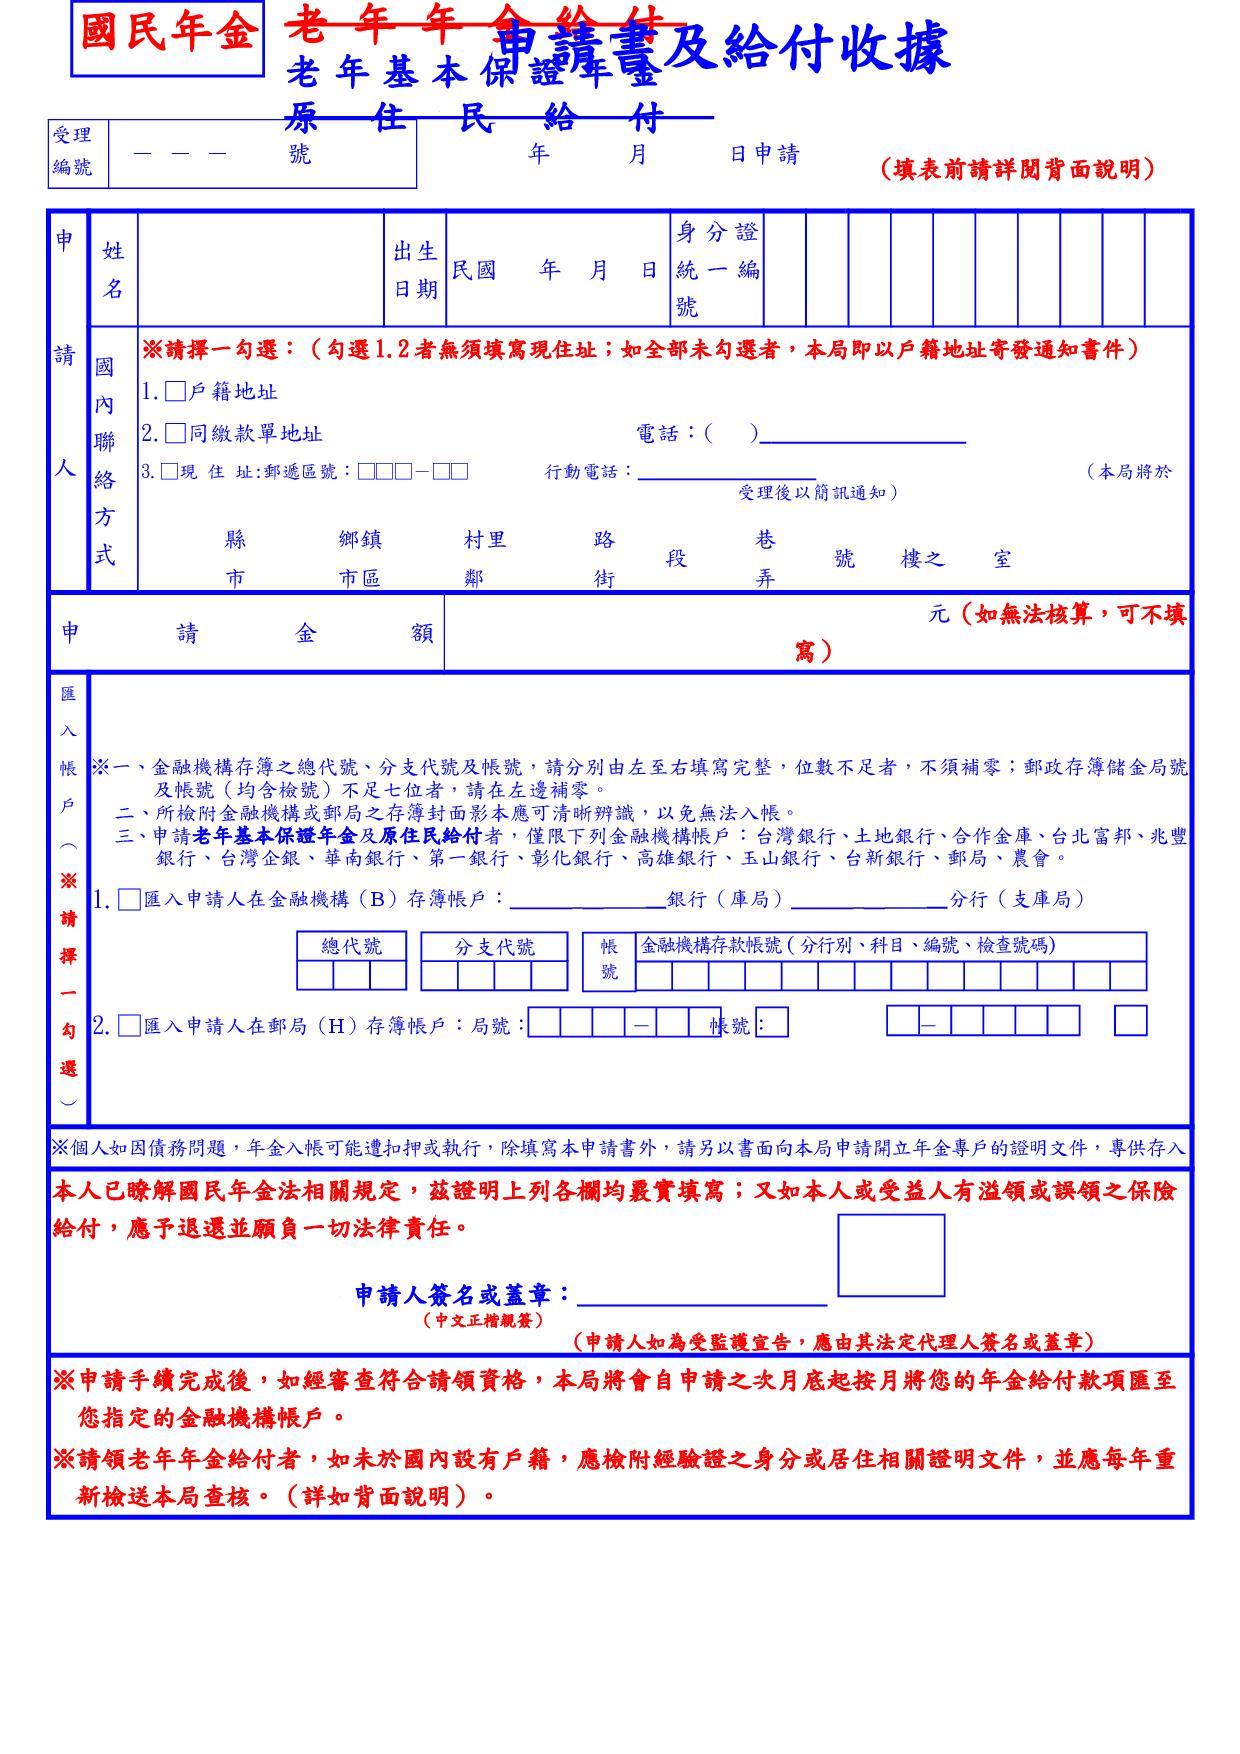 老年基本保證年金申請書及給付收據